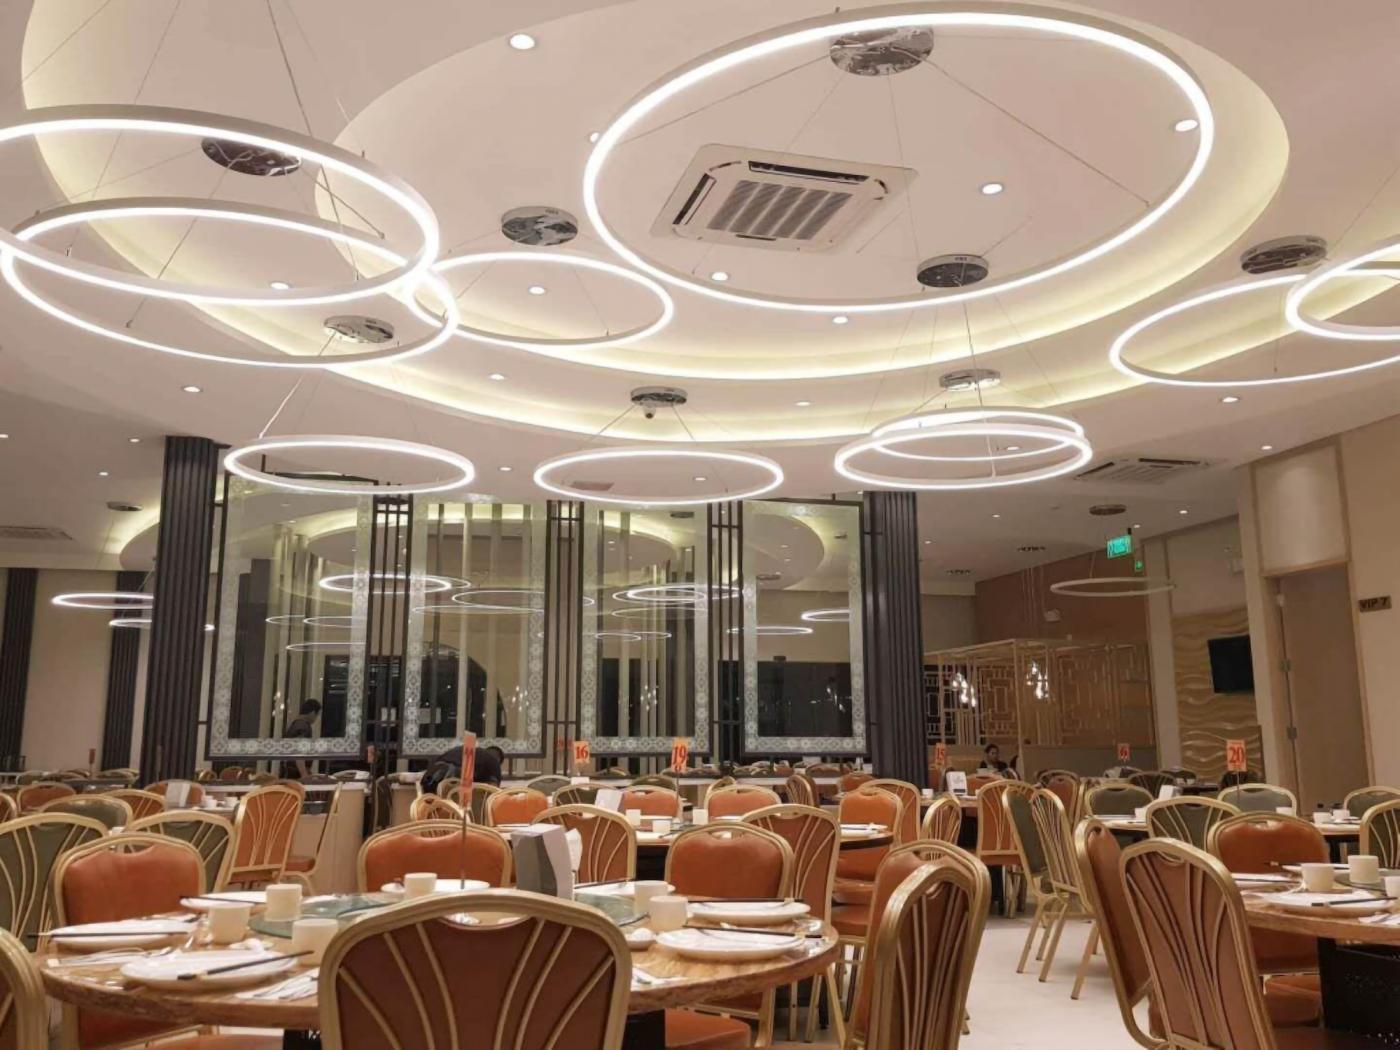 Restaurant Ring Light-1 copy